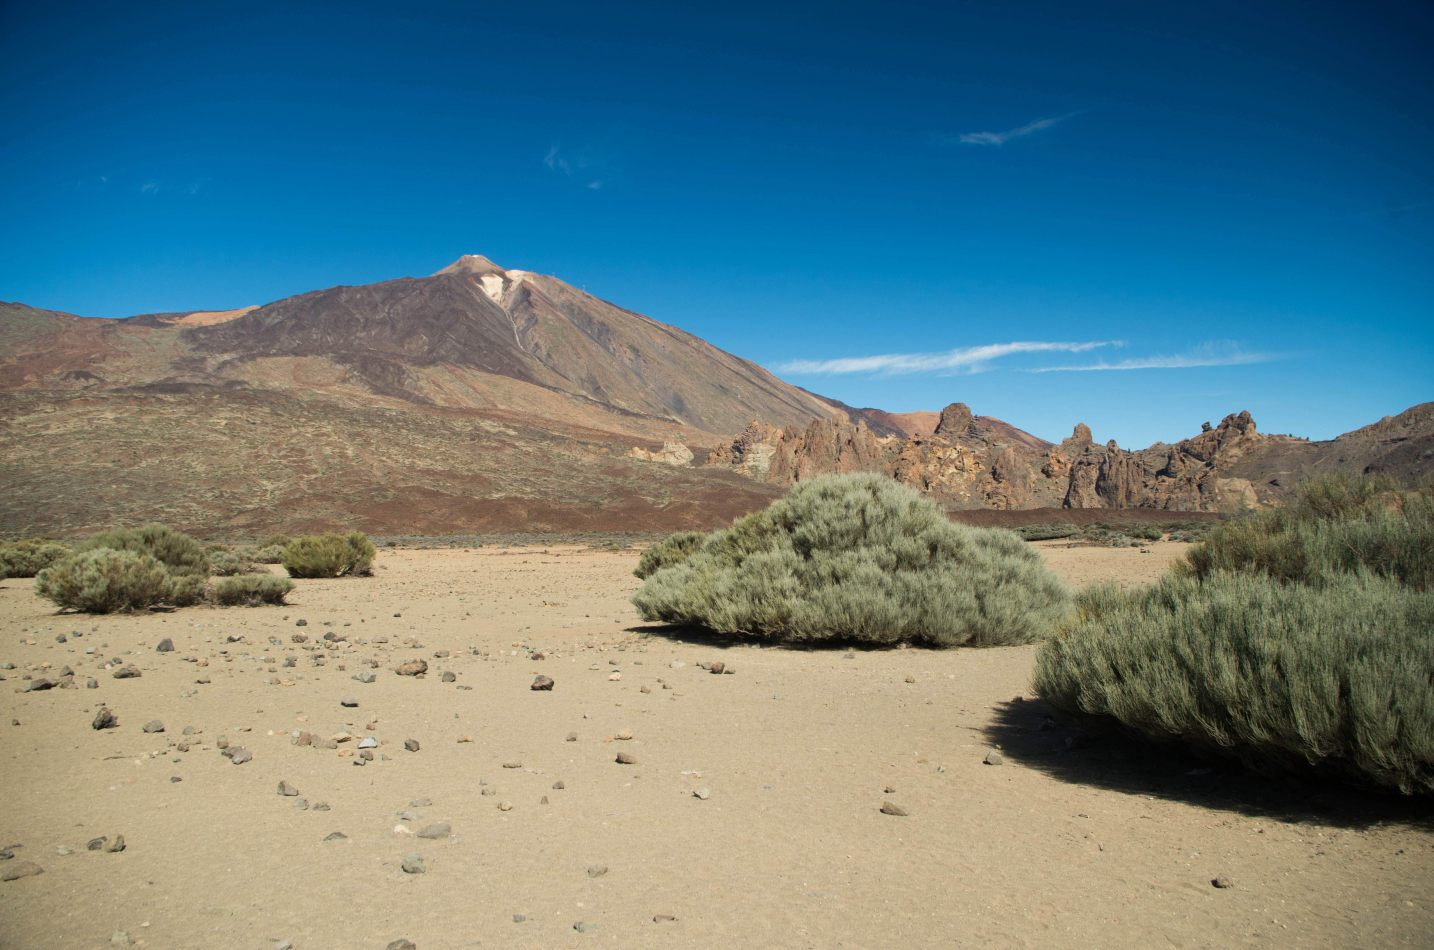 Hibiscus & Nomada : - - El Teide